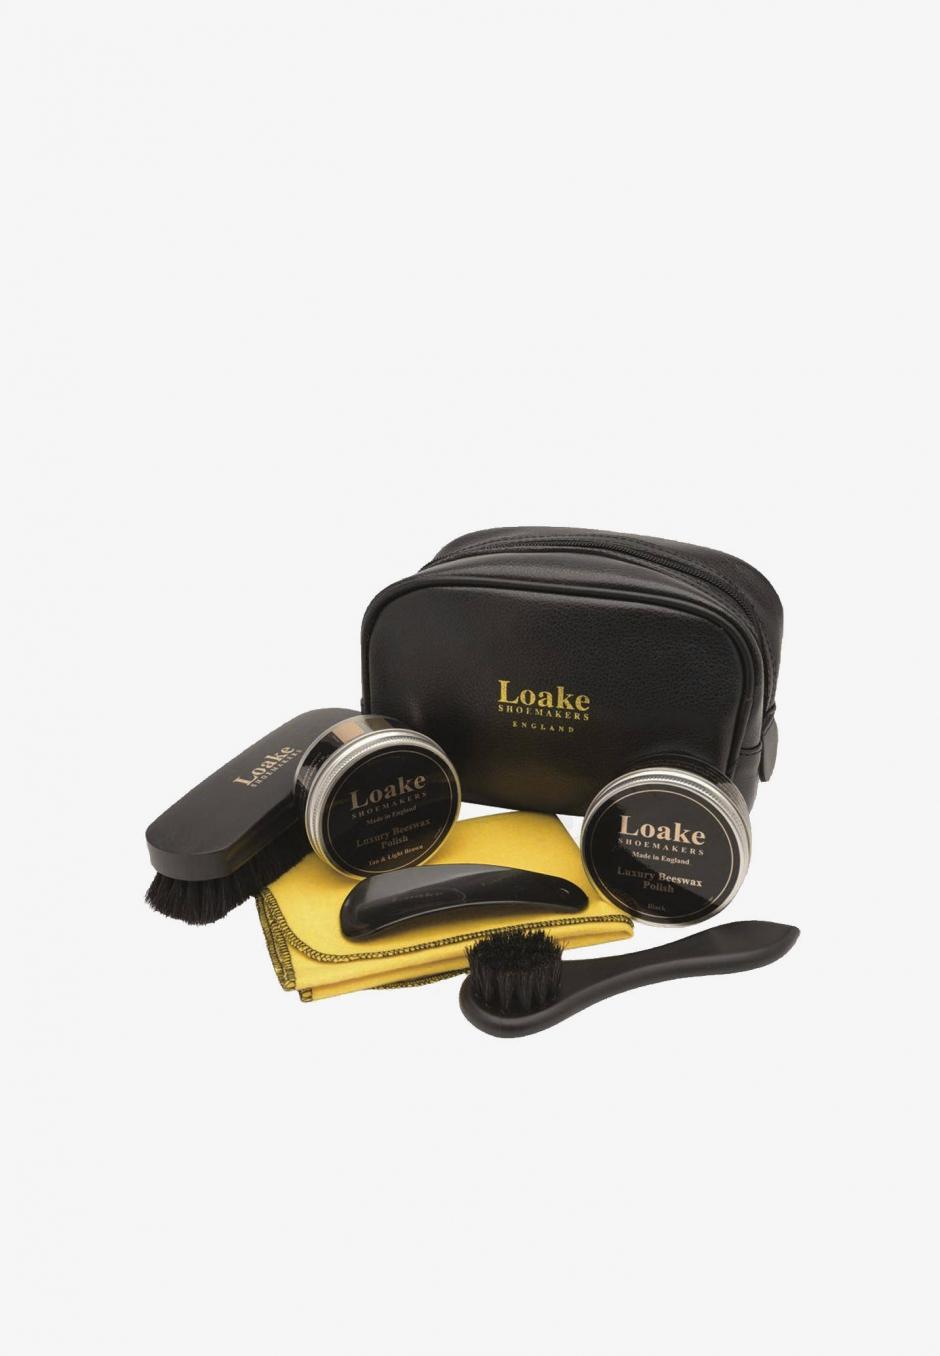 Loake Shoe Care Kit